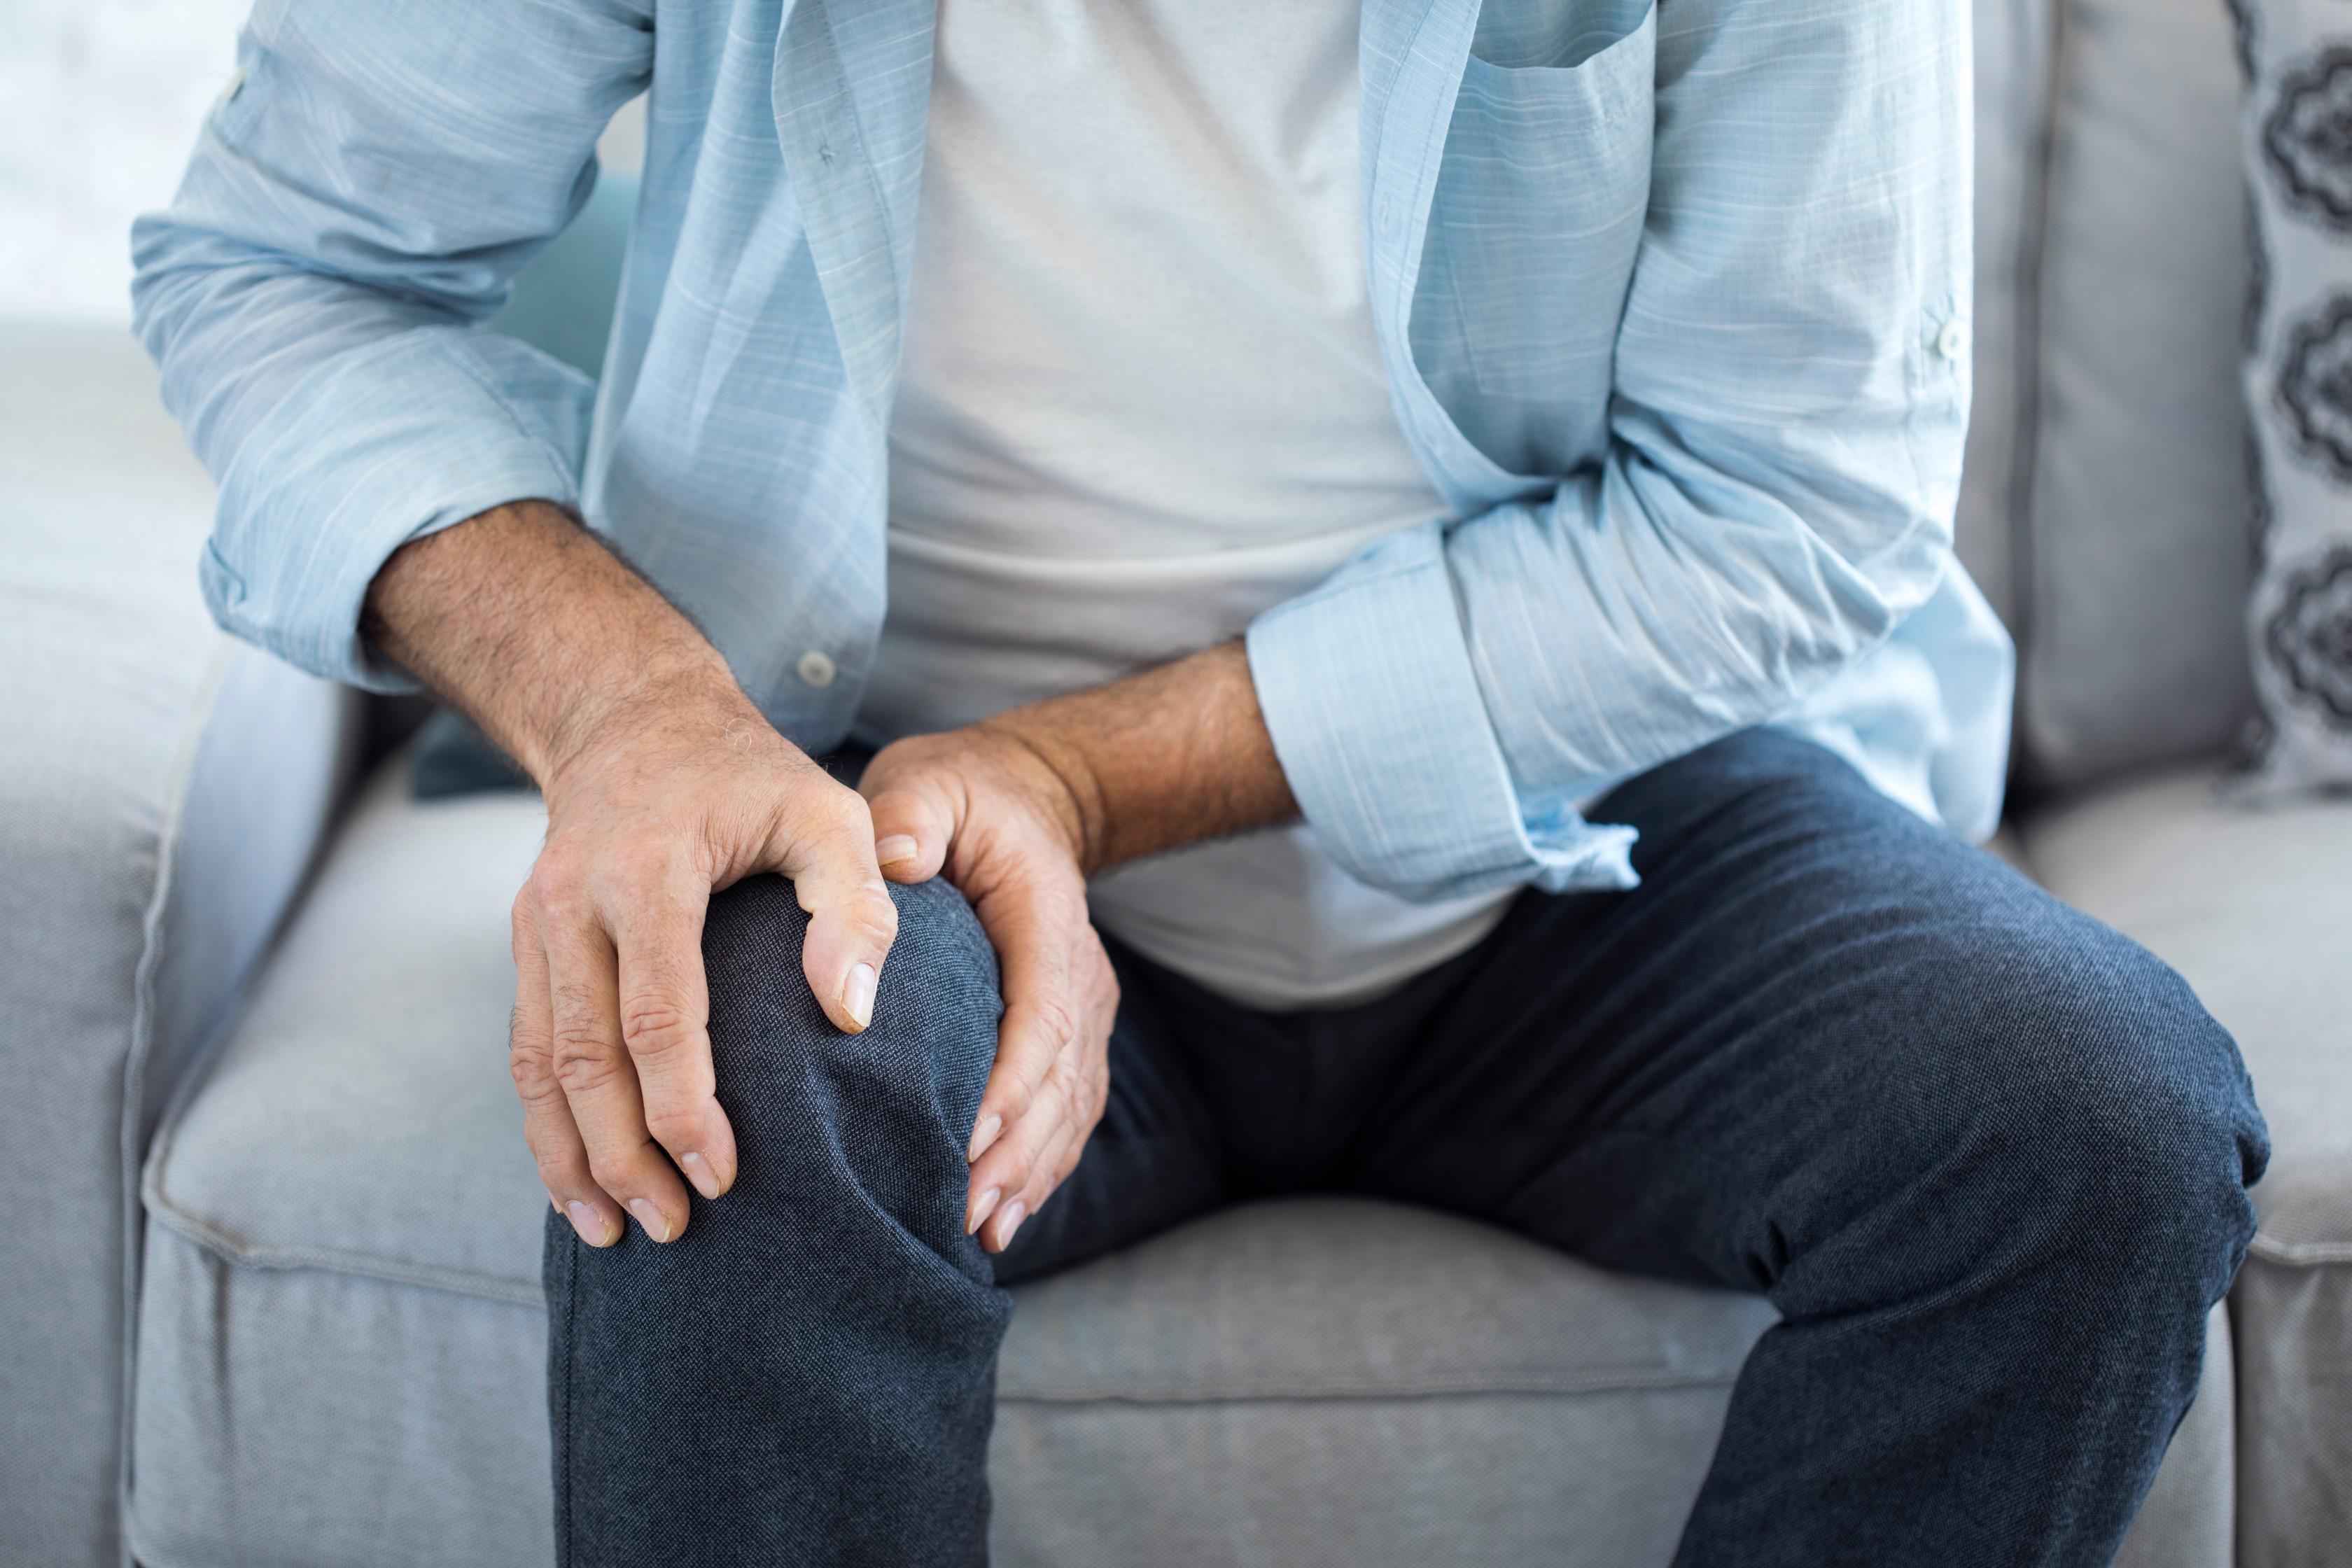 ízületi fájdalom okozza, hogyan kell kezelni minden ízület megduzzad